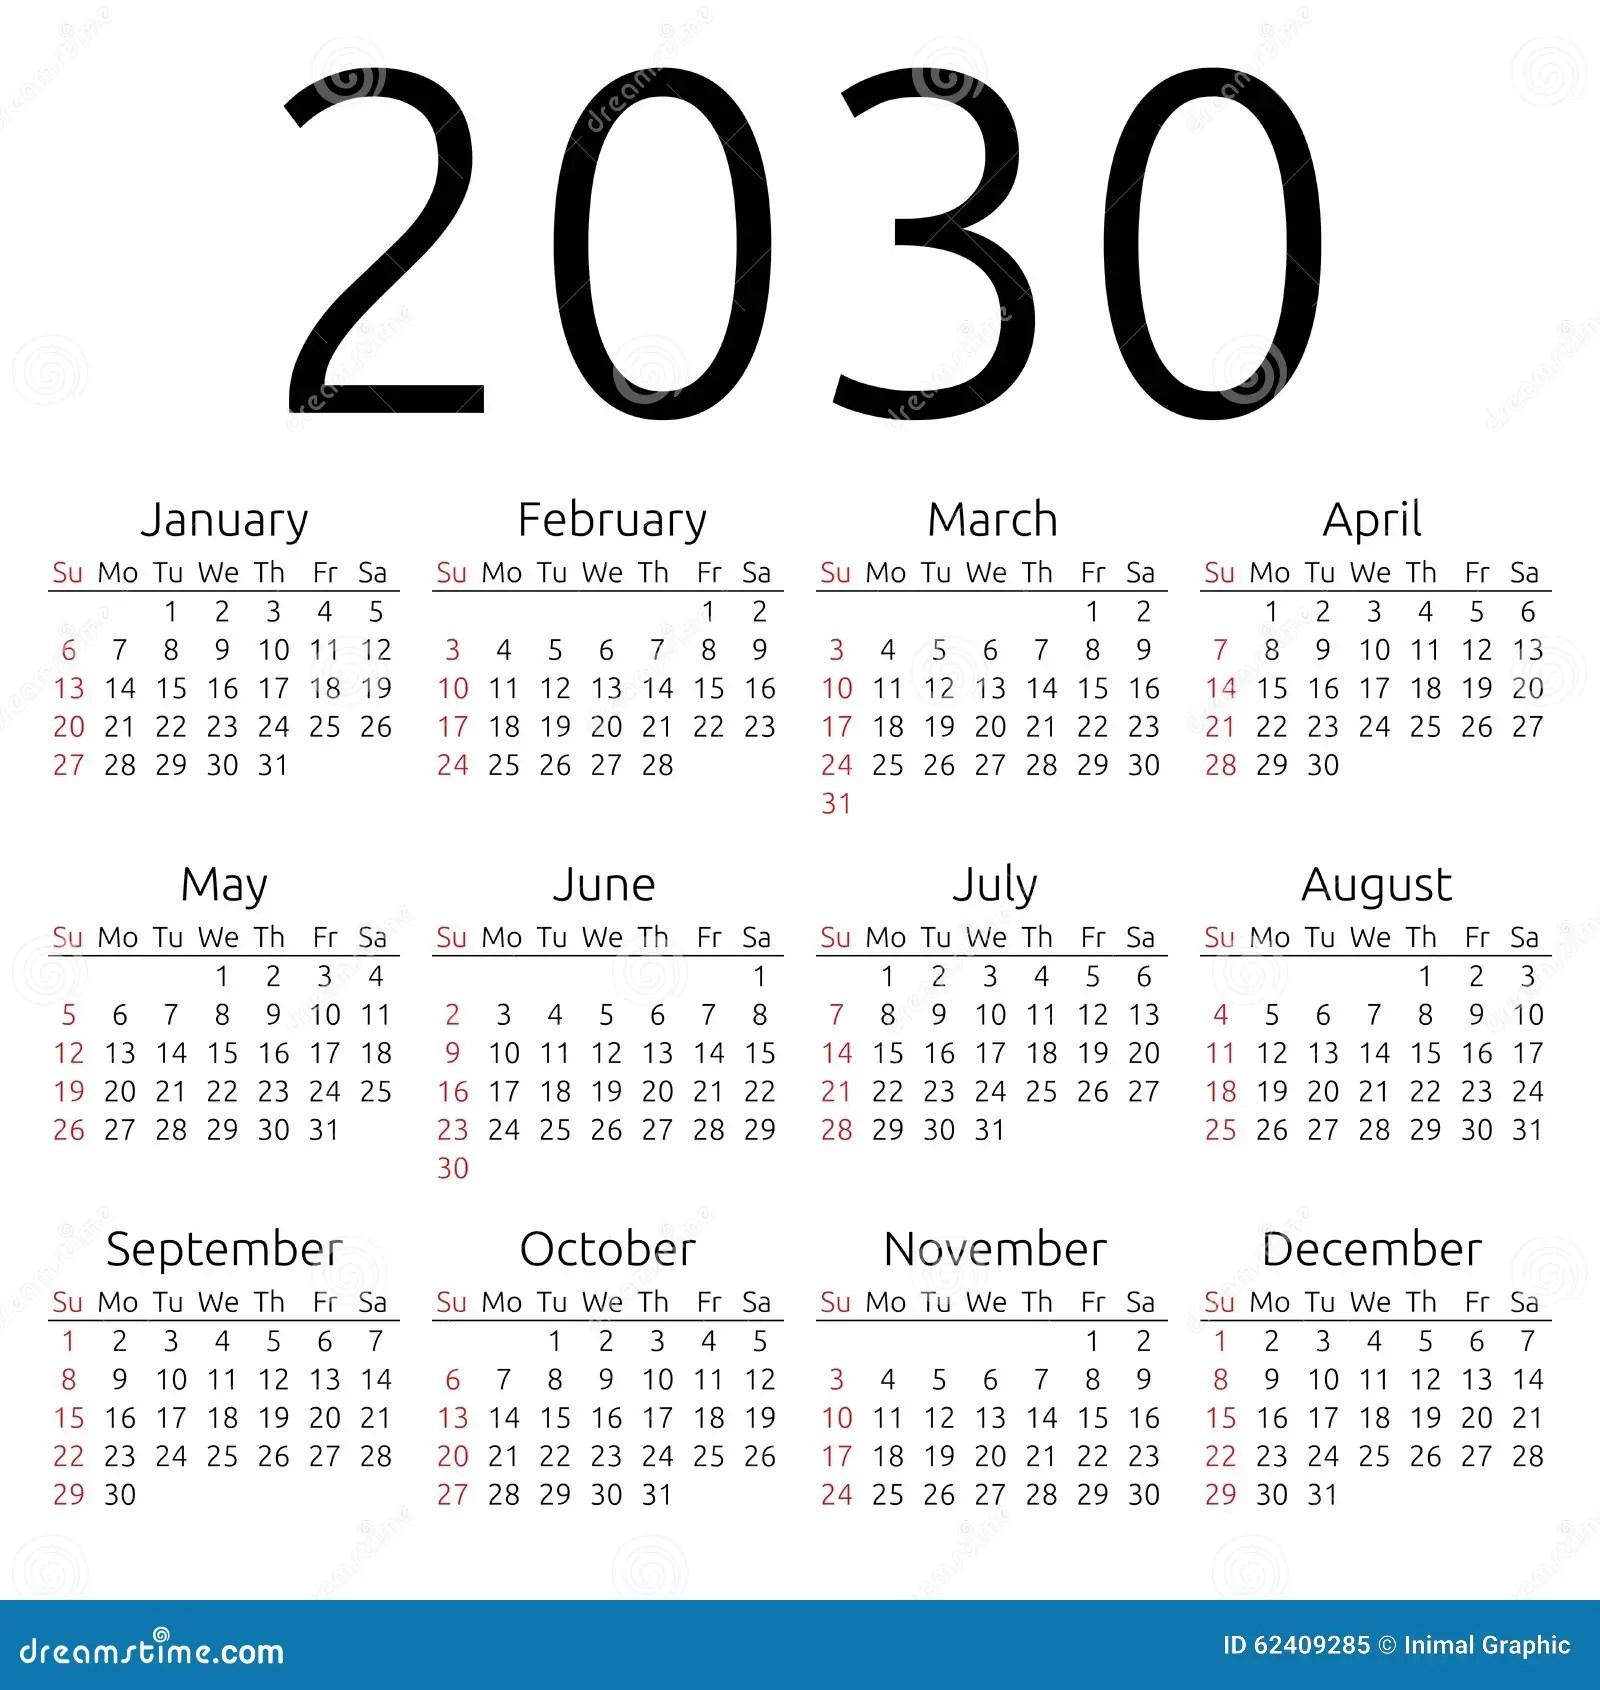 New Calendar Design Free Calendar Miami New Times Vector Calendar 2030 Sunday Stock Vector Image 62409285